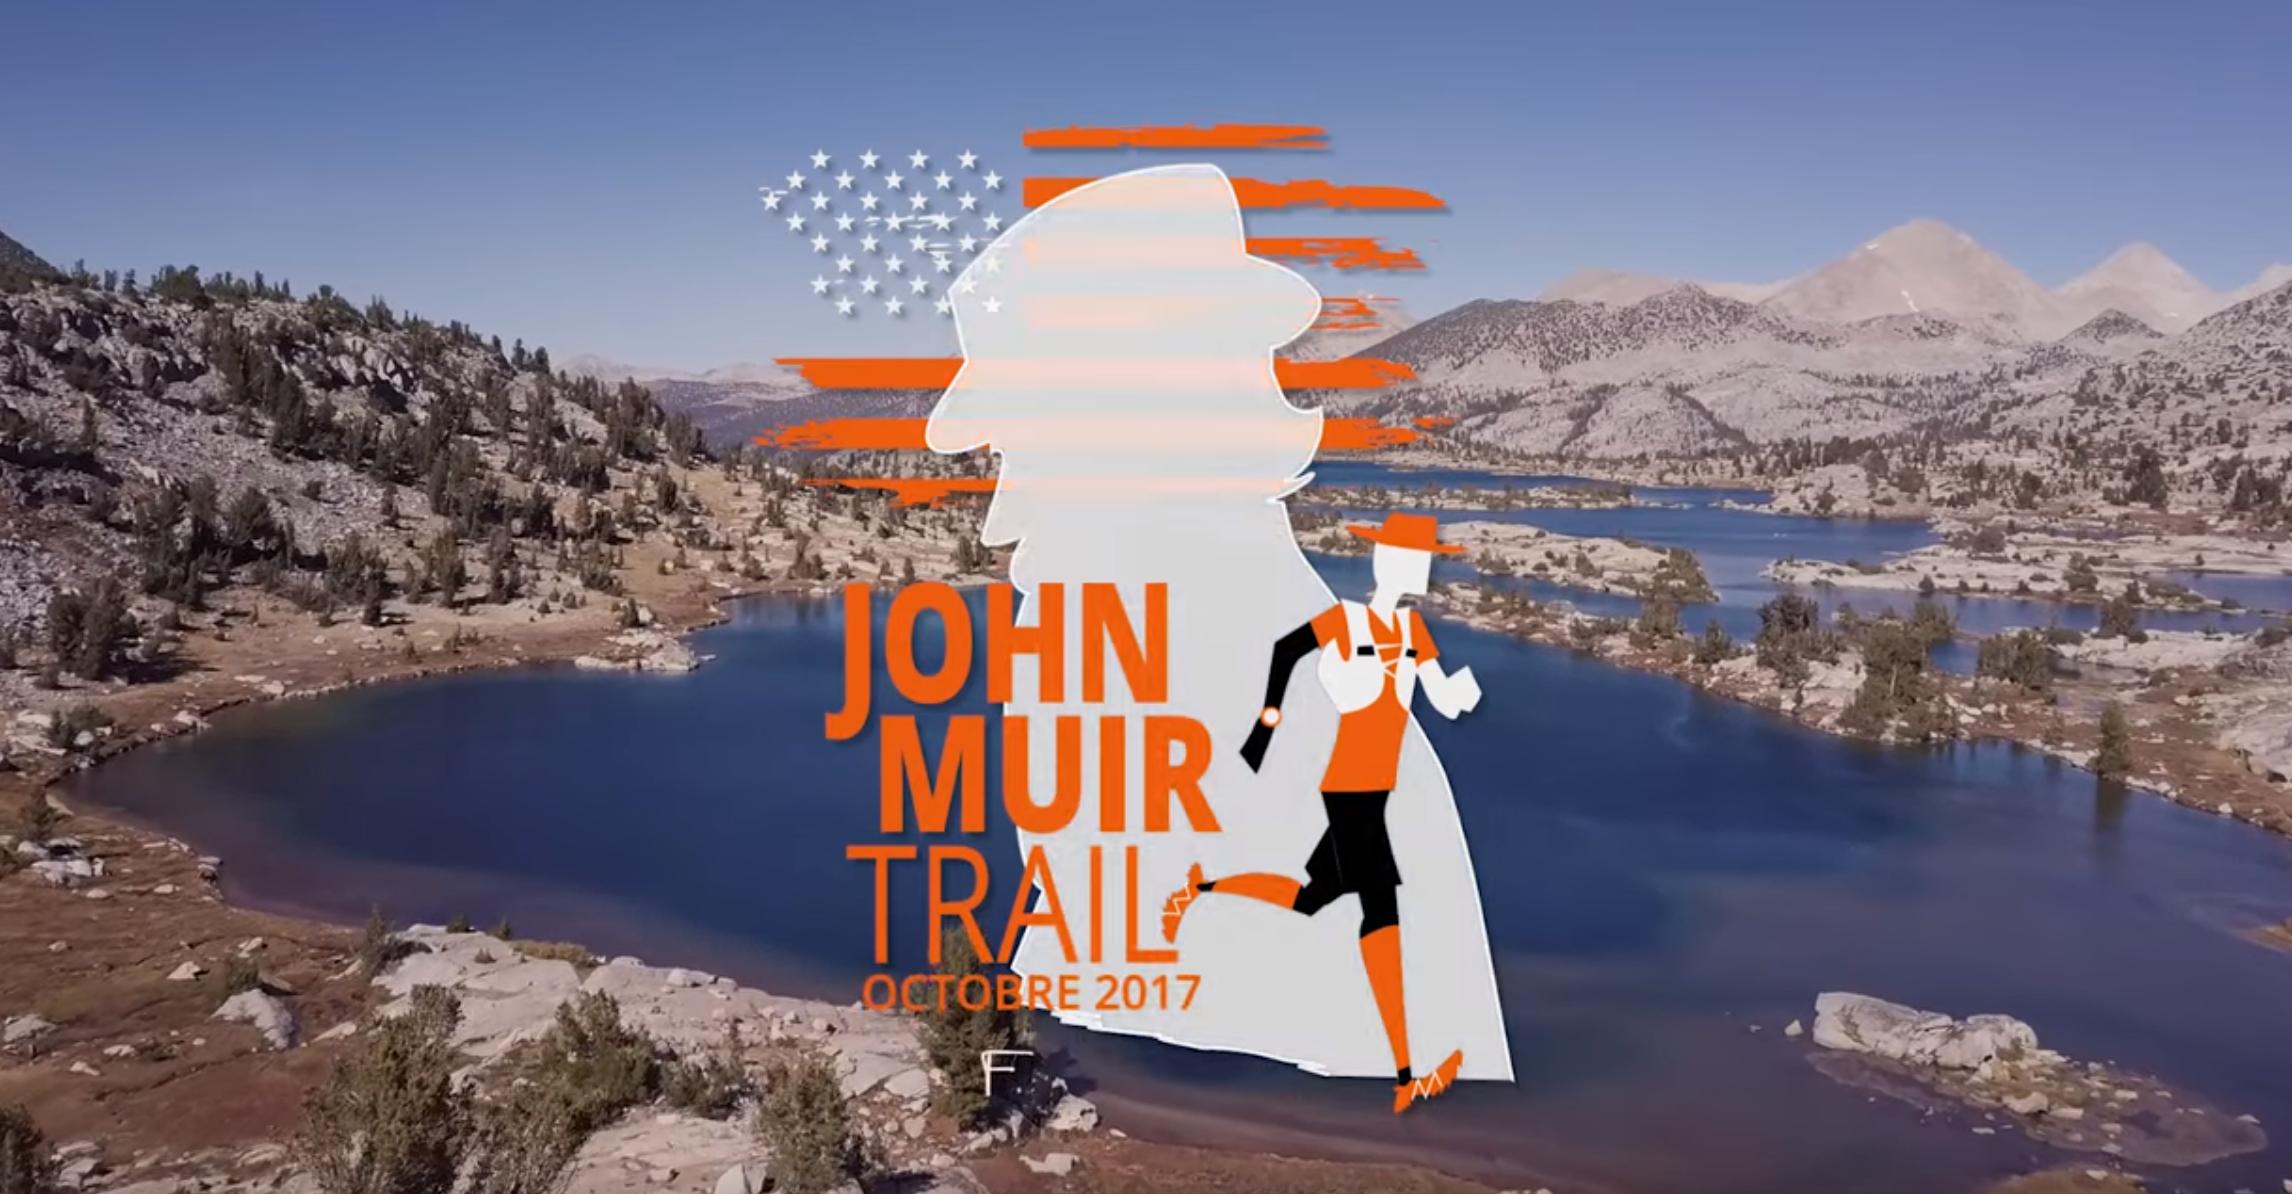 Le record de François D'haene sur le John Muir Trail en vidéo